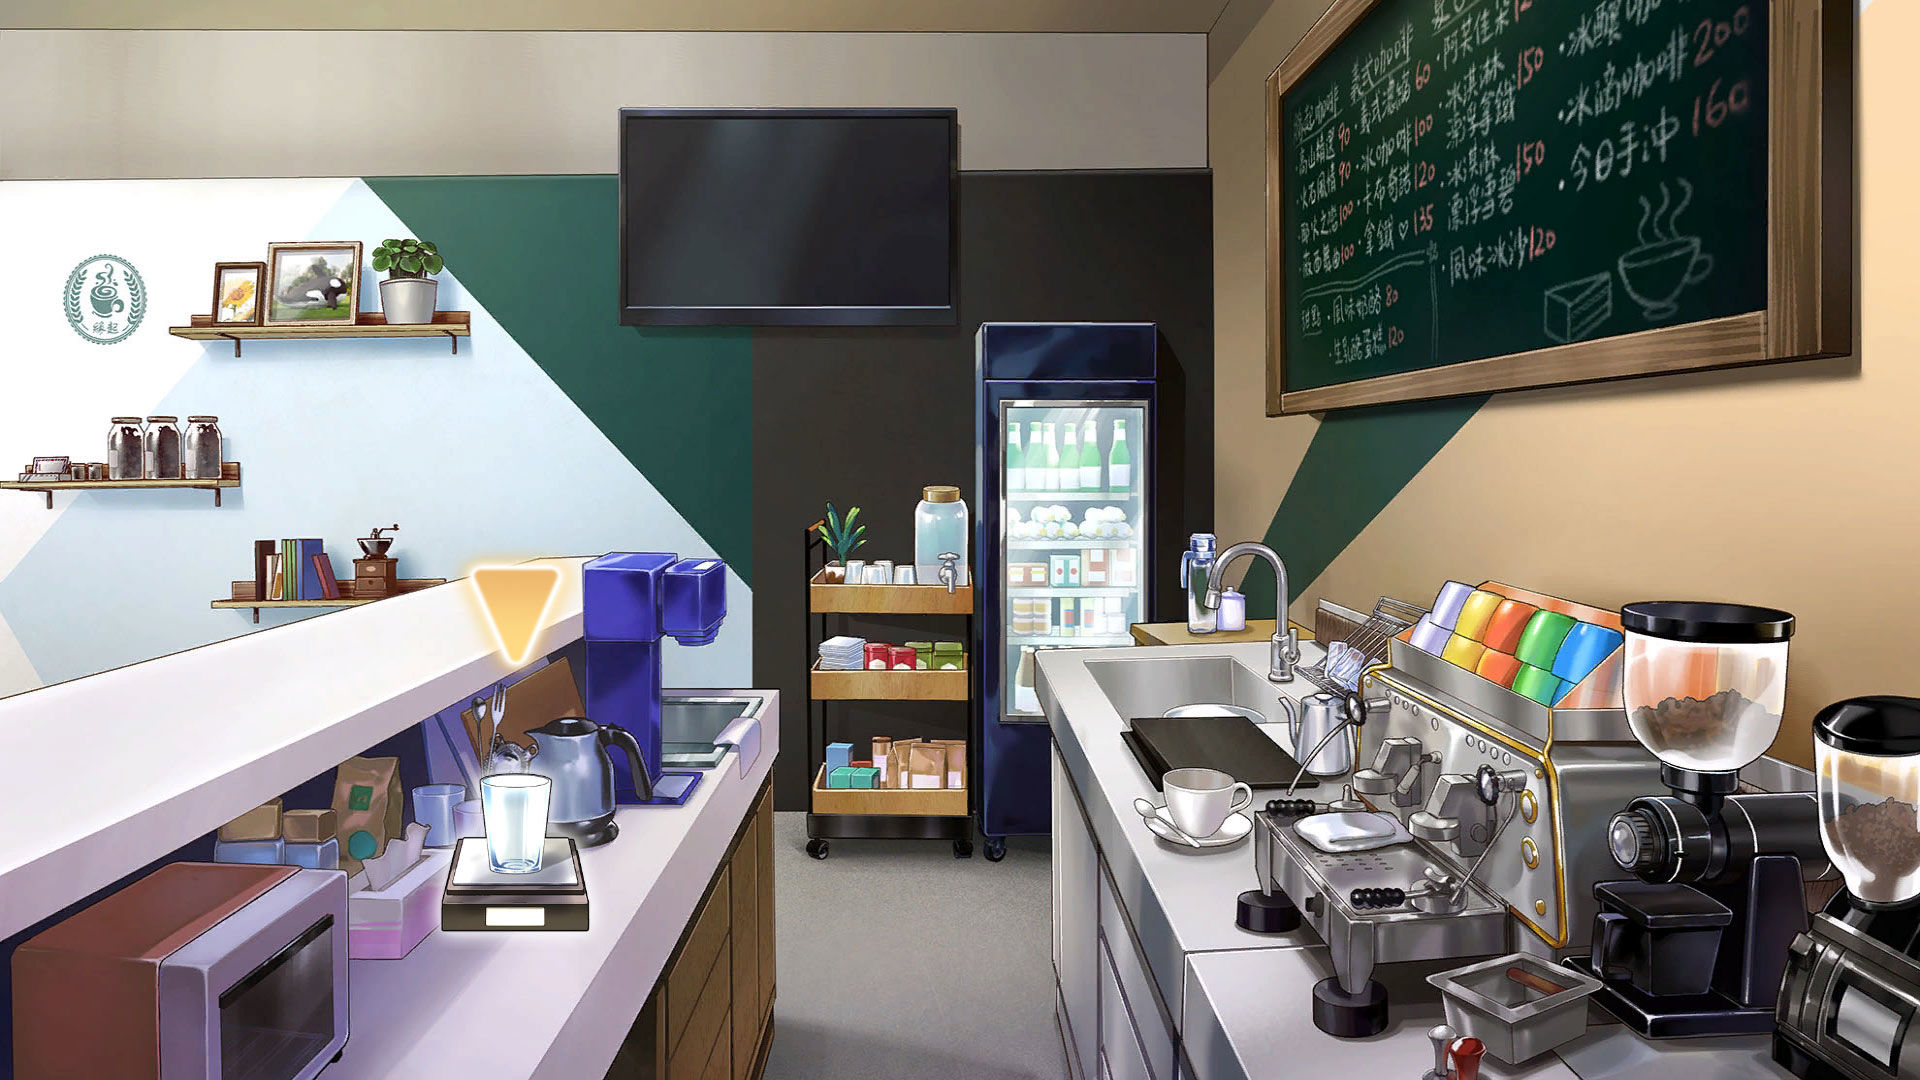 晴天咖啡馆安卓版 V1.0